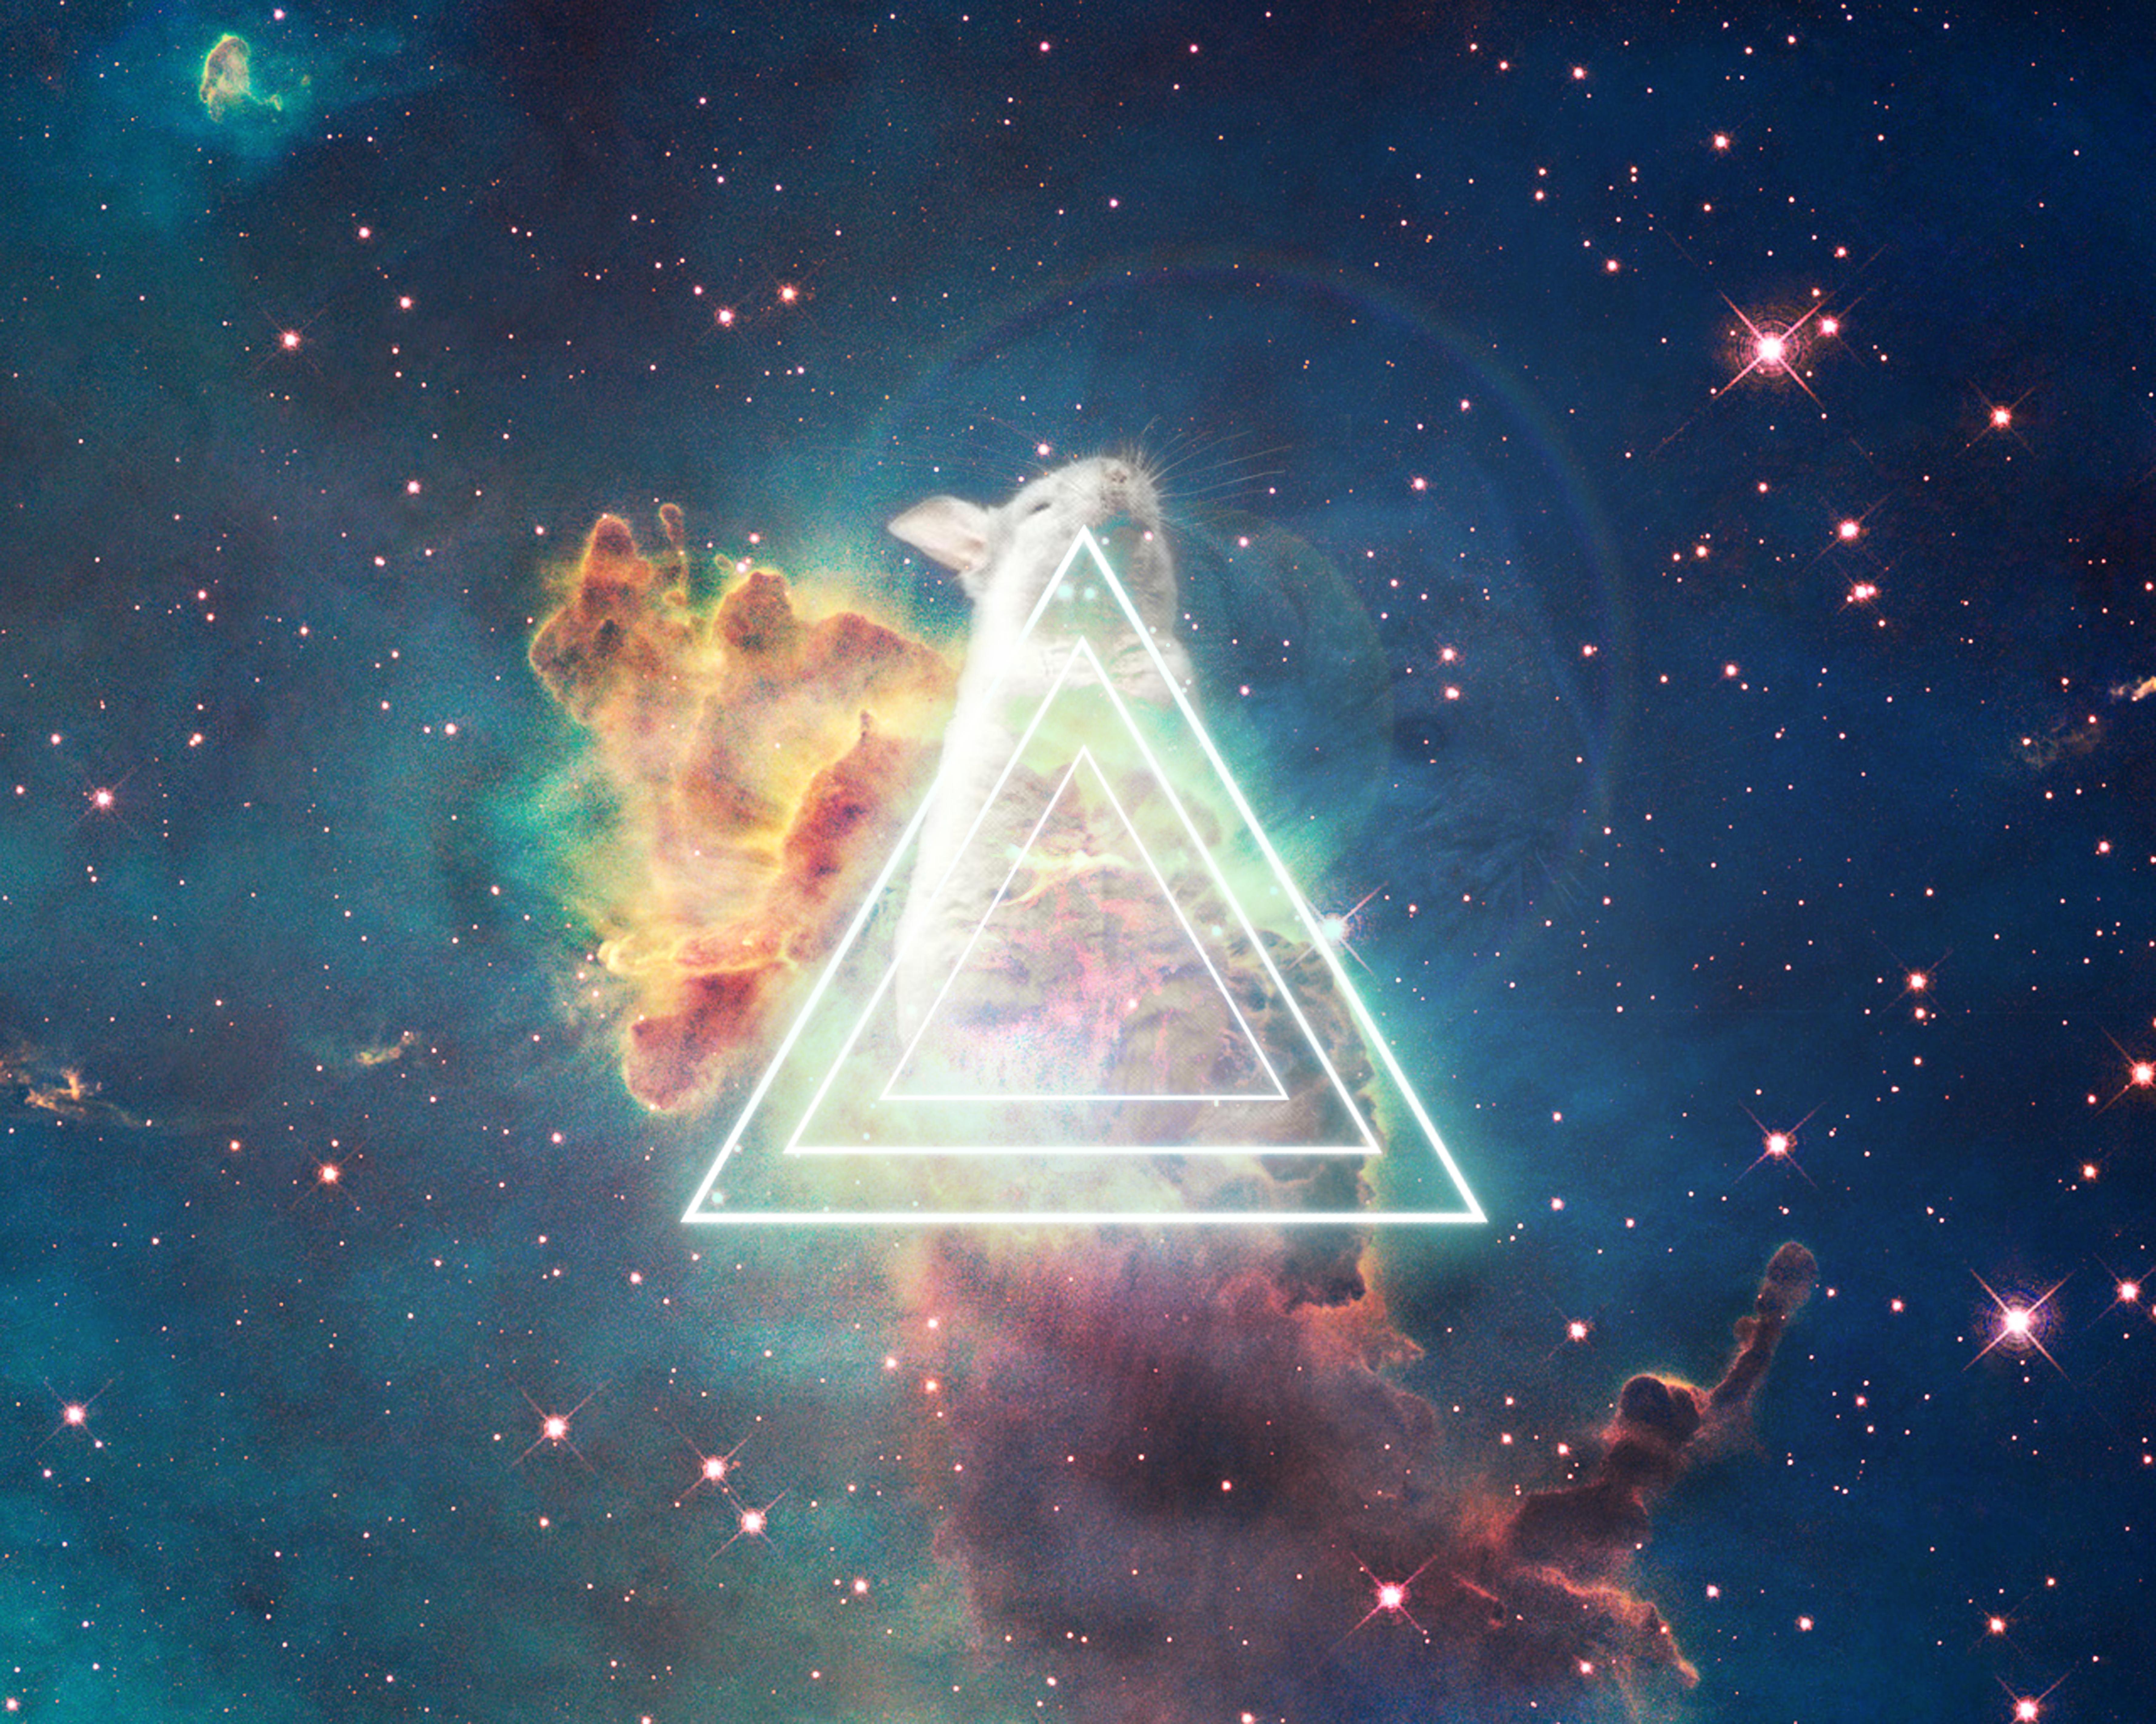 Chinchilla Nebula by iHernan on DeviantArt: ihernan.deviantart.com/art/Chinchilla-Nebula-306854325